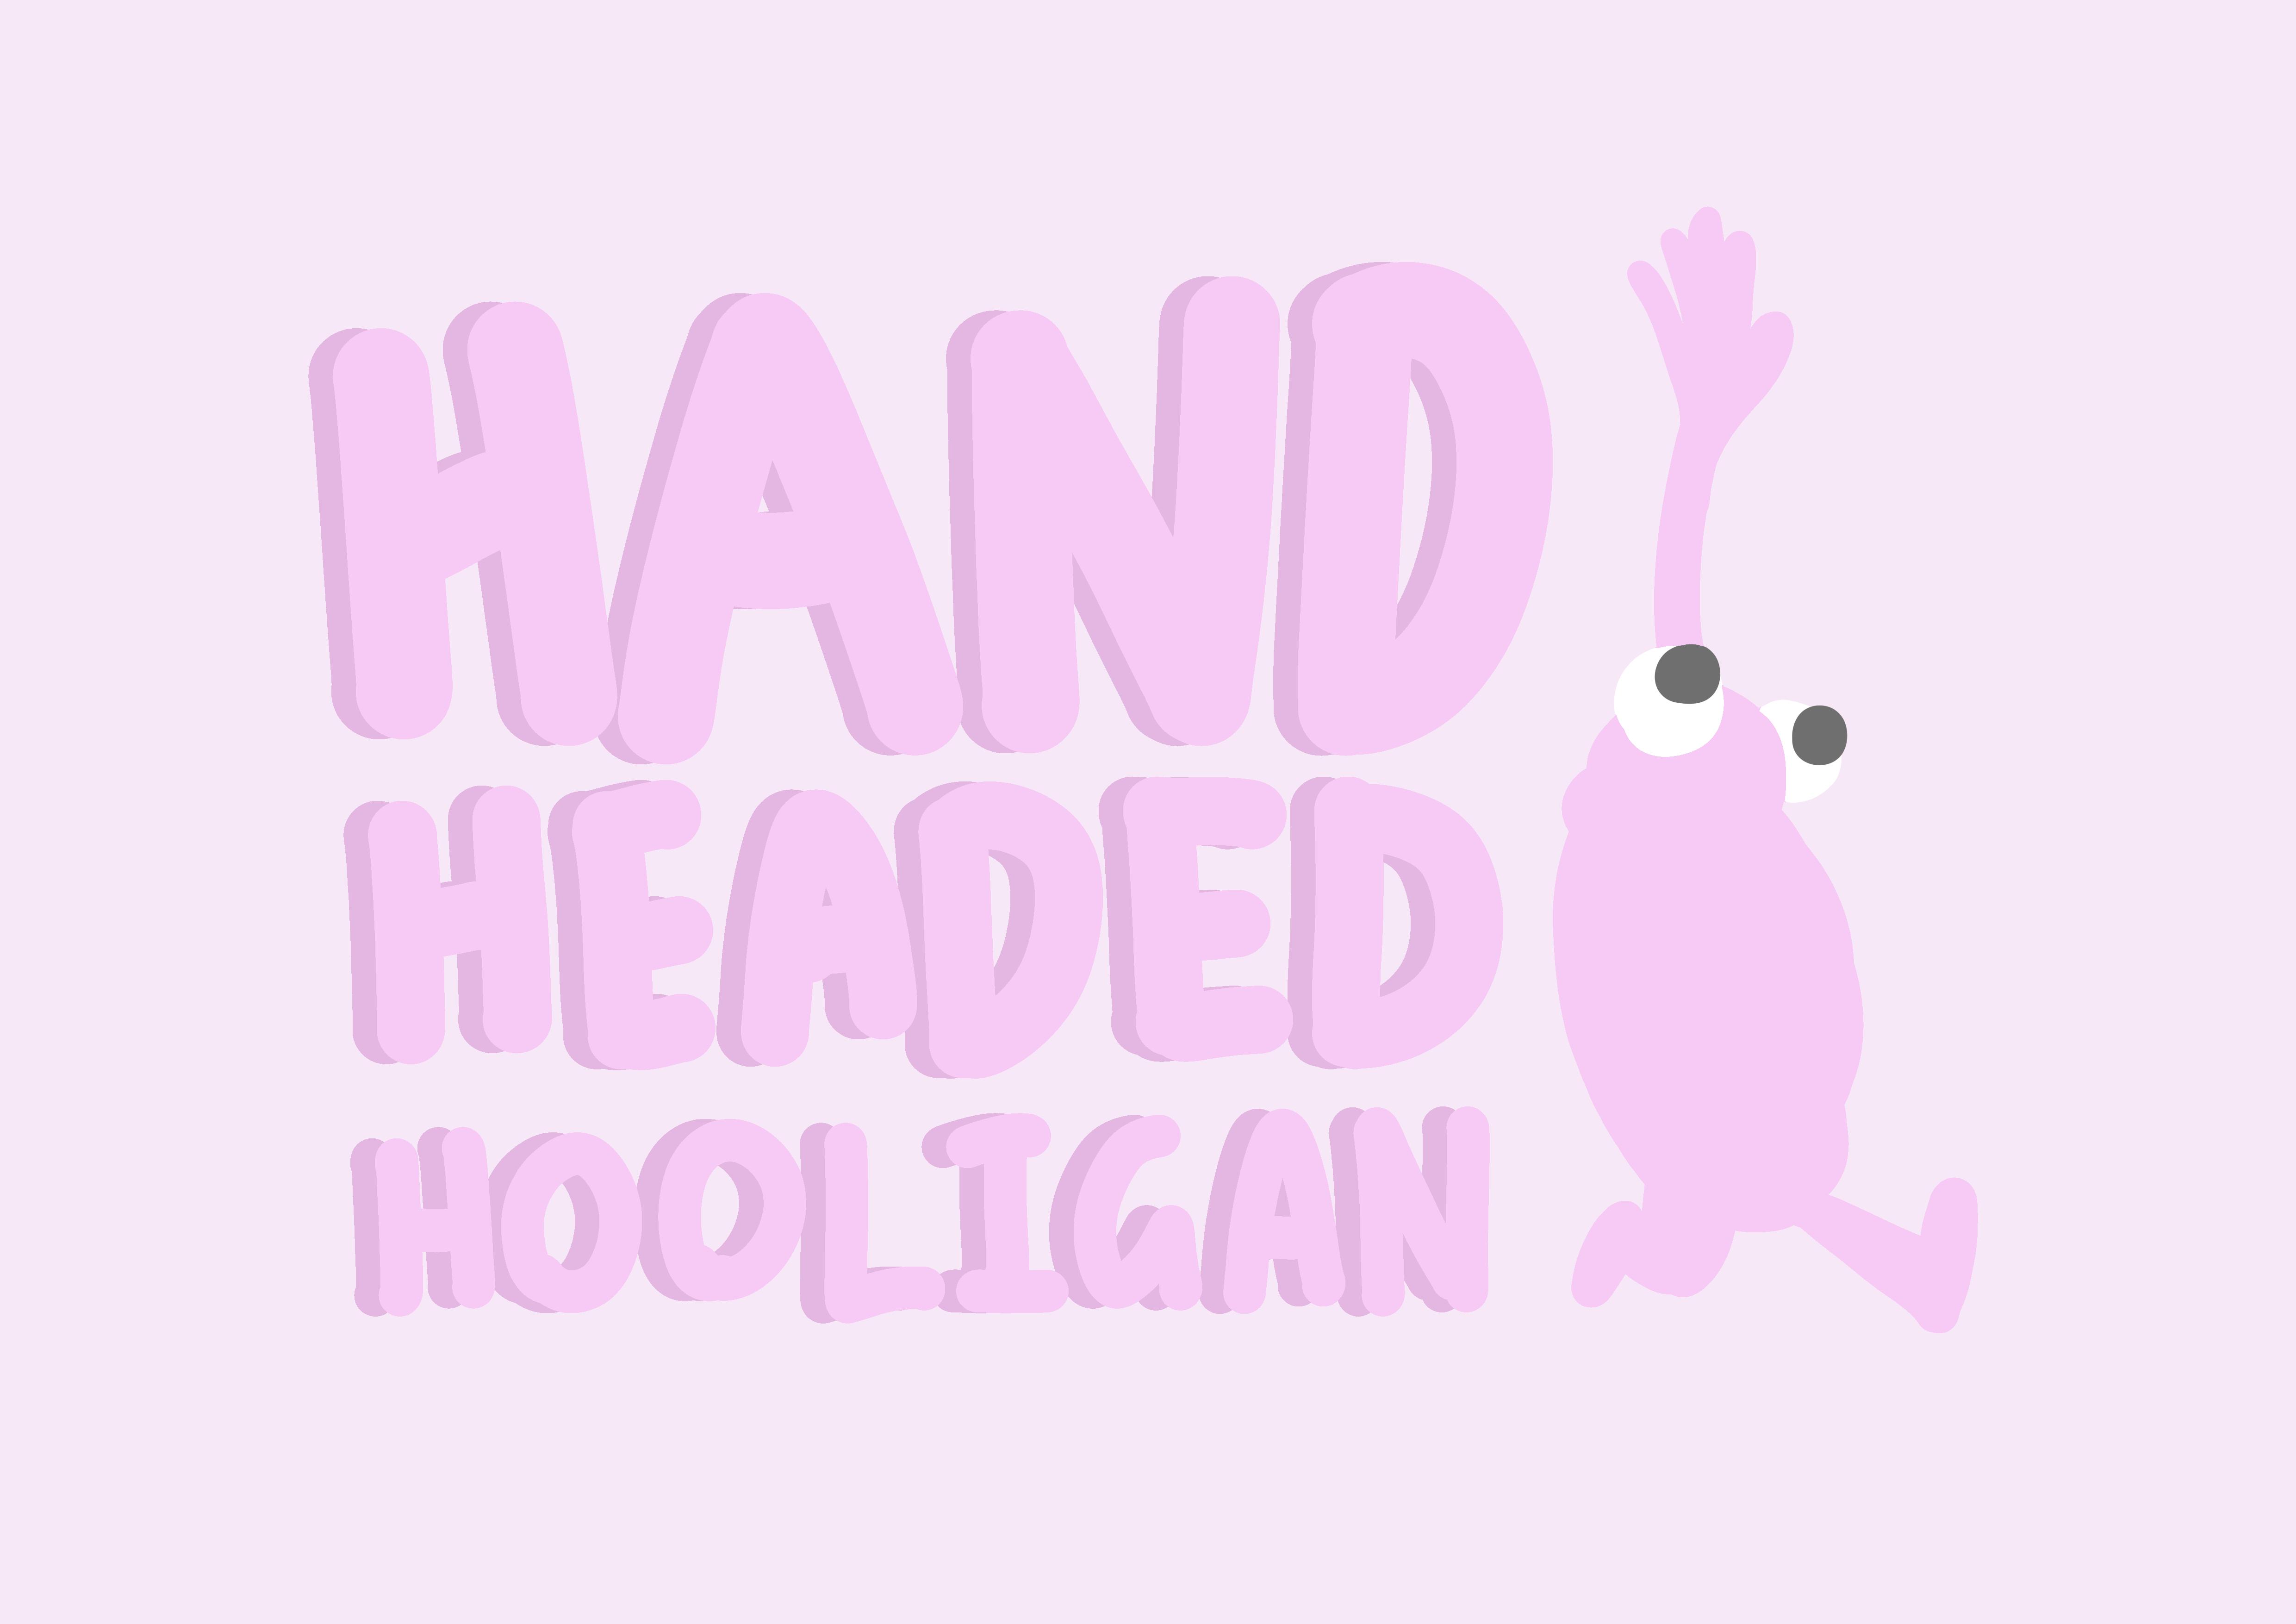 Hand Headed Hooligan